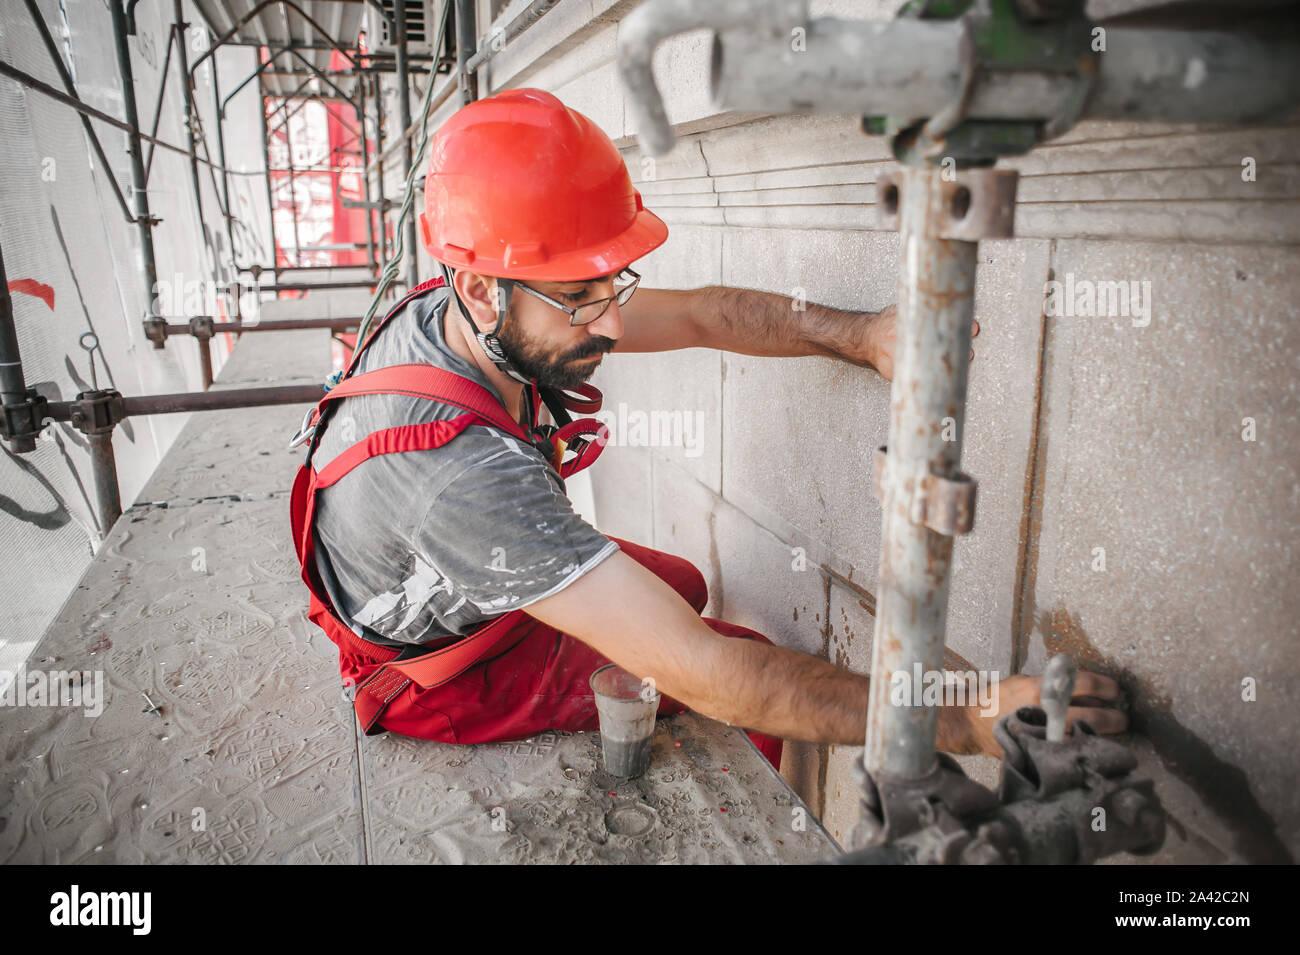 Travailleur de la construction mason sur l'échafaudage de mélanger du ciment et du sable à l'aide d'une spatule sur le site de construction Banque D'Images